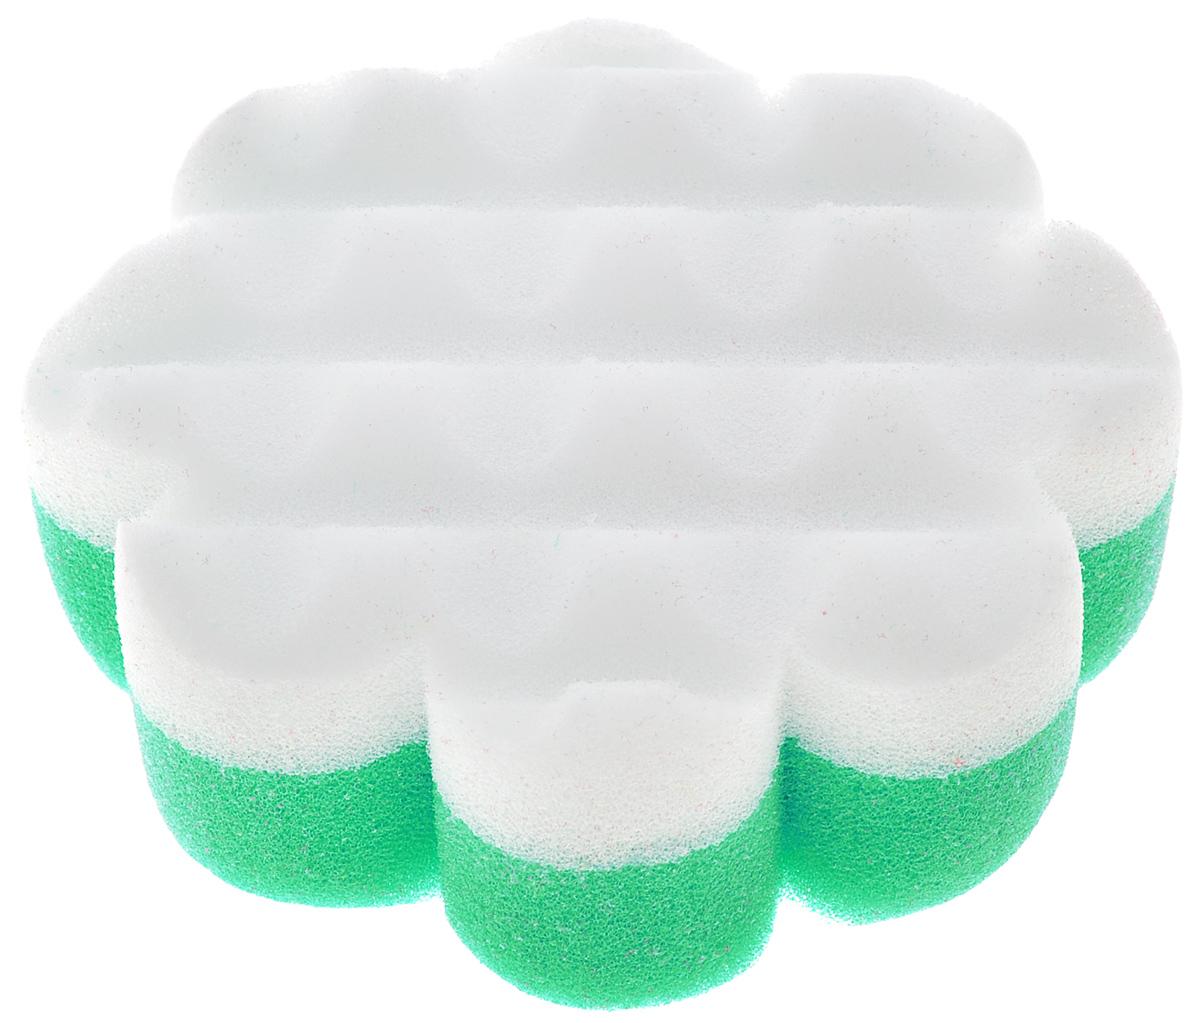 Курносики Мочалка с массажным слоем Цветок цвет зеленый белый, Мир Детства